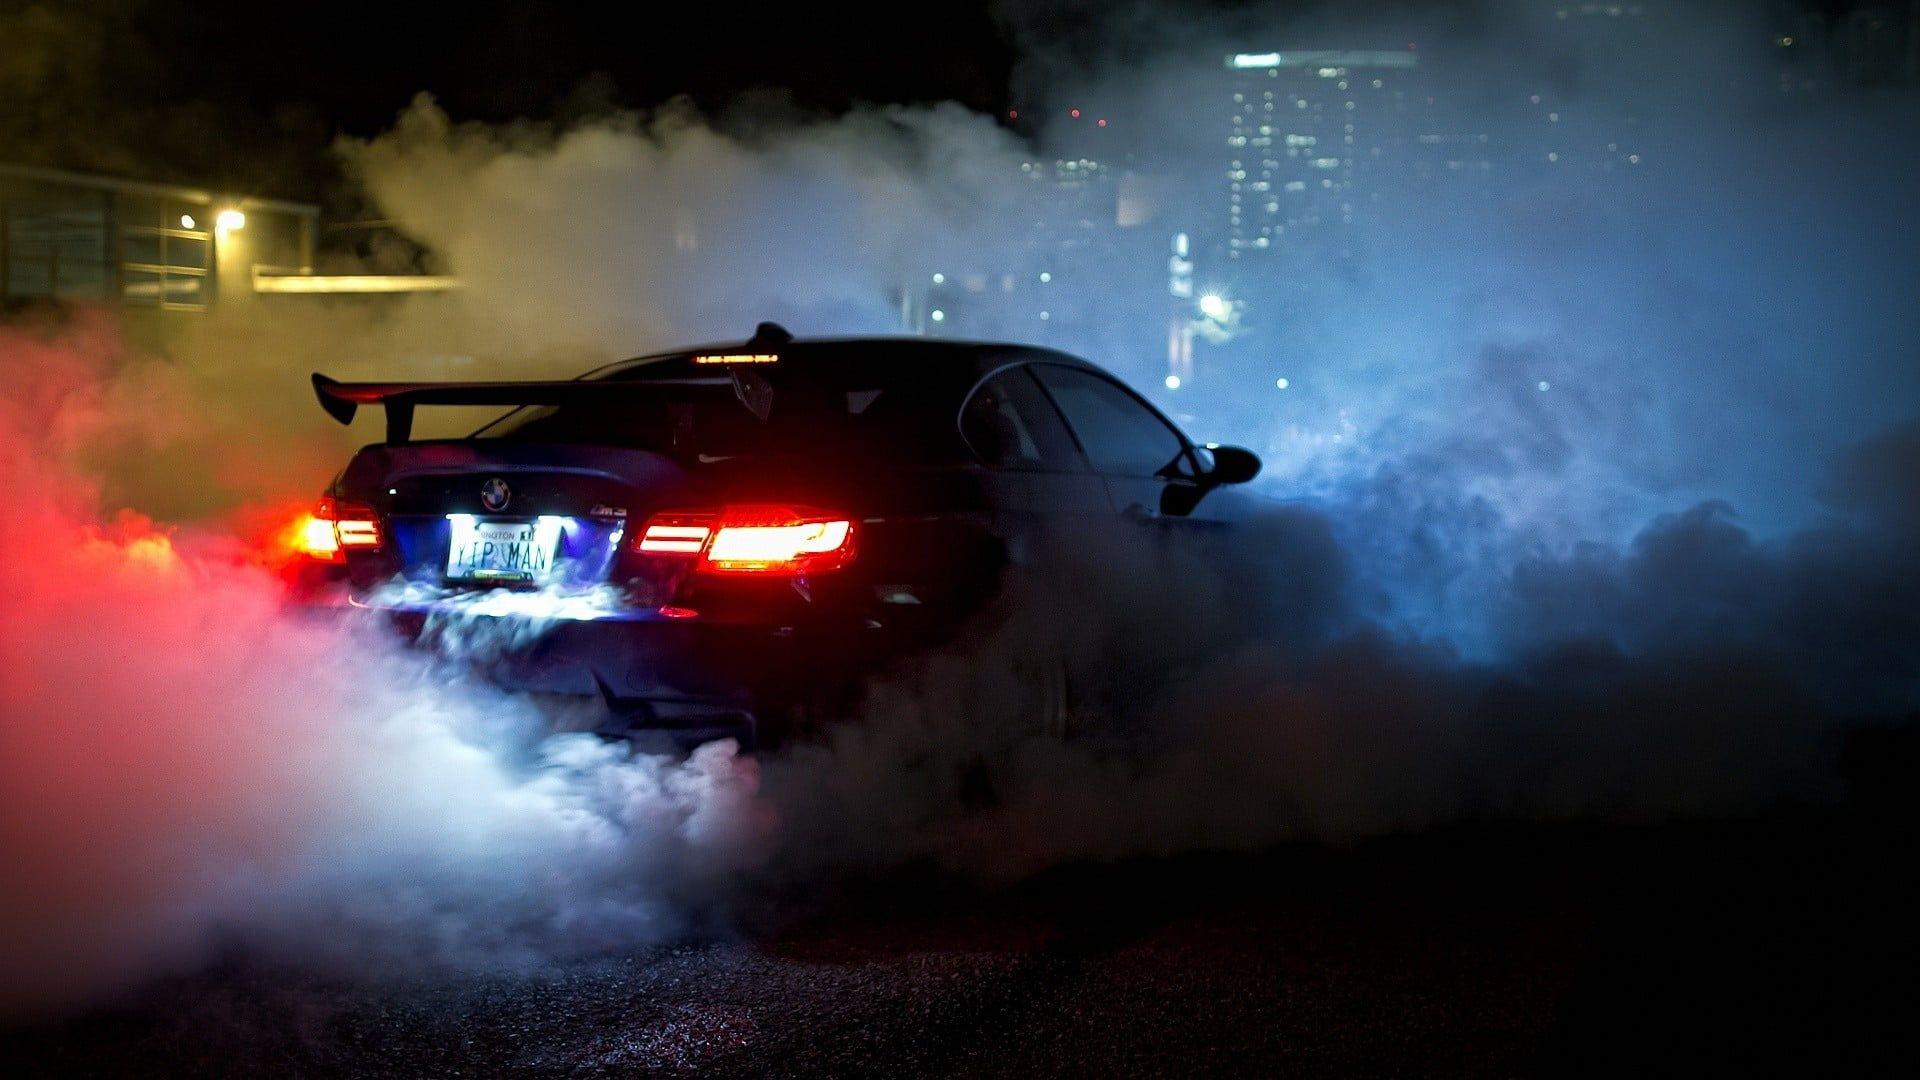 Black Bmw Car Car Bmw M3 Bmw Race Cars Racing Smoke Bmw M3 Gtr 1080p Wallpaper Hdwallpaper Desktop Bmw Wallpapers Black Bmw Bmw M3